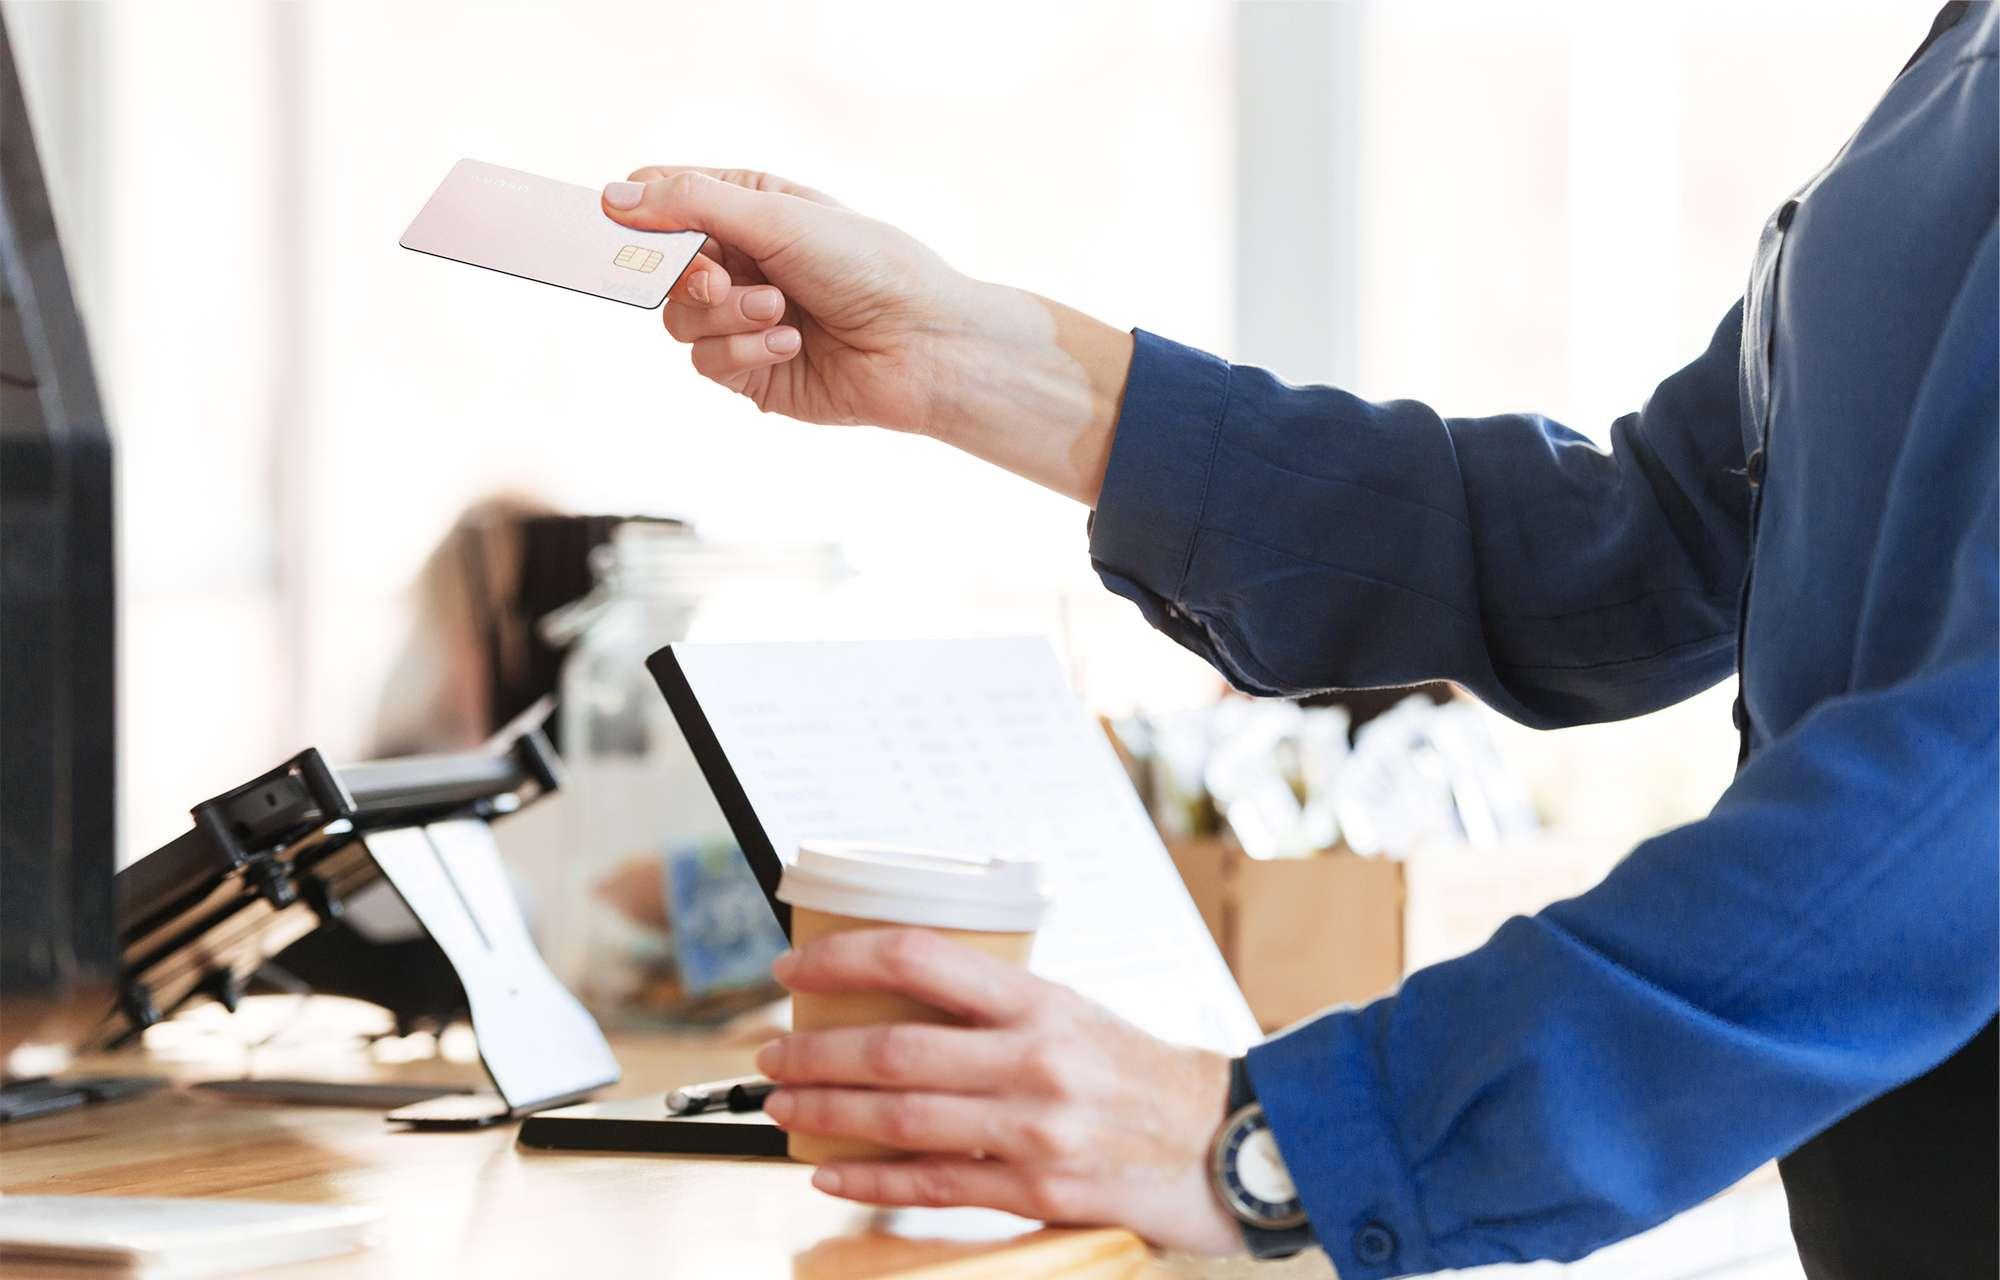 Kyash Visaカードでお店でカード払い